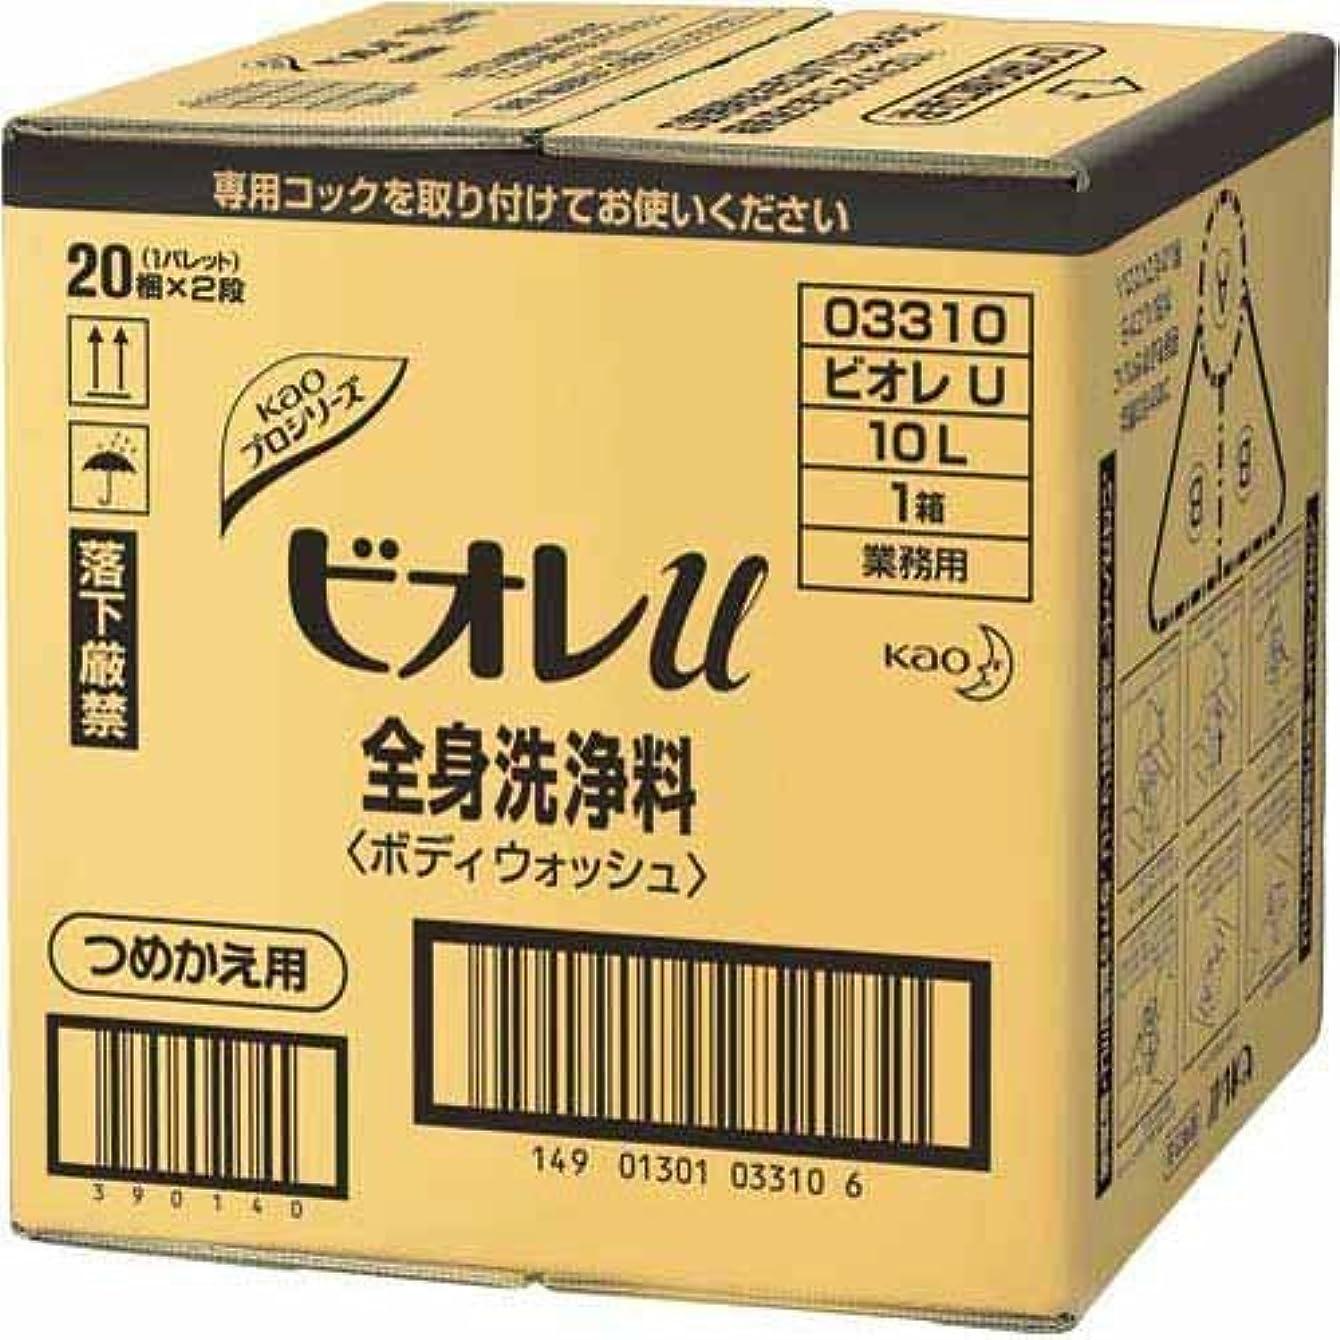 収益フリル従来の花王 ビオレU 業務用 10L 033109 【まとめ買い2個セット】